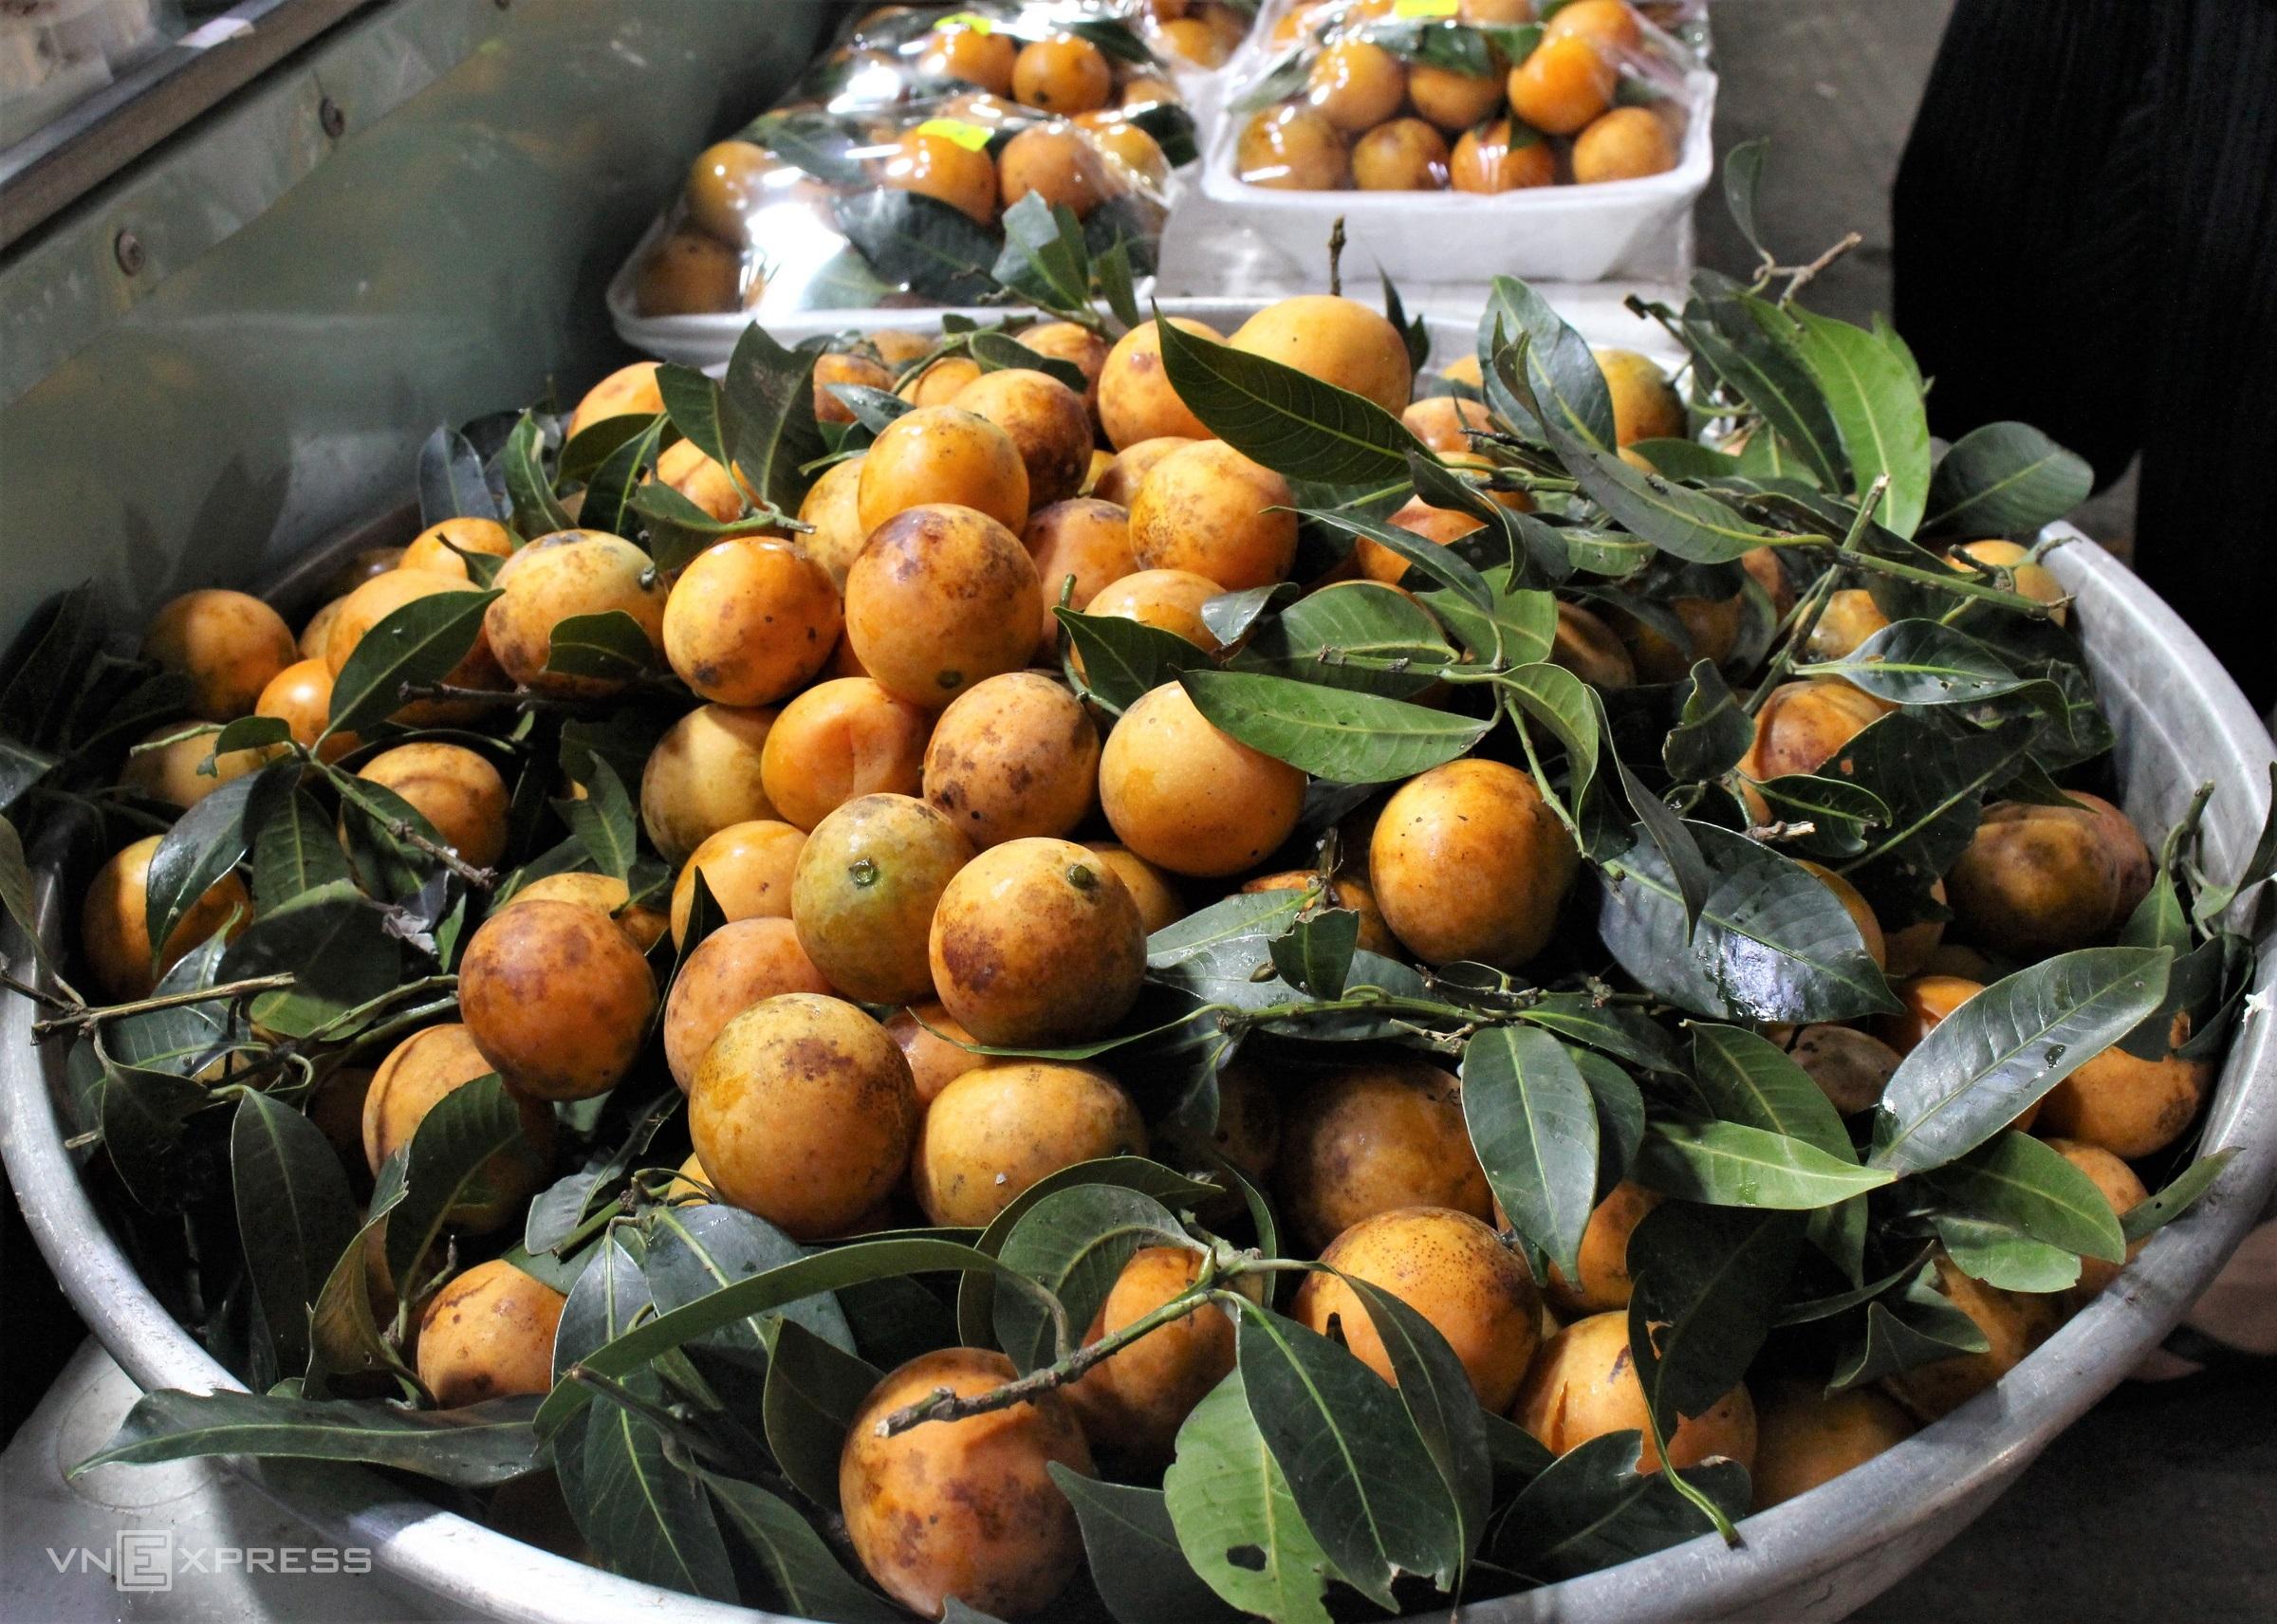 Các loại trái cây tươi trên đảo cũng được bán theo mùa. Hiện là mùa thanh trà ở Phú Quốc, loại trái này mọc tự nhiên trên núi nên còn có tên là sơn trà.Thanh trà trên đảo có trái tròn, căng mọng và màu sậm hơn loại trái trên đất liền, vị thanh chua, ngọt dịu. Du khách có thể chế biến nhiều món ngon từ thanh trà như nấu canh chua, kho cá, dầm đá đường, làm mứt hoặc chấm muối ớt ăn tươi.